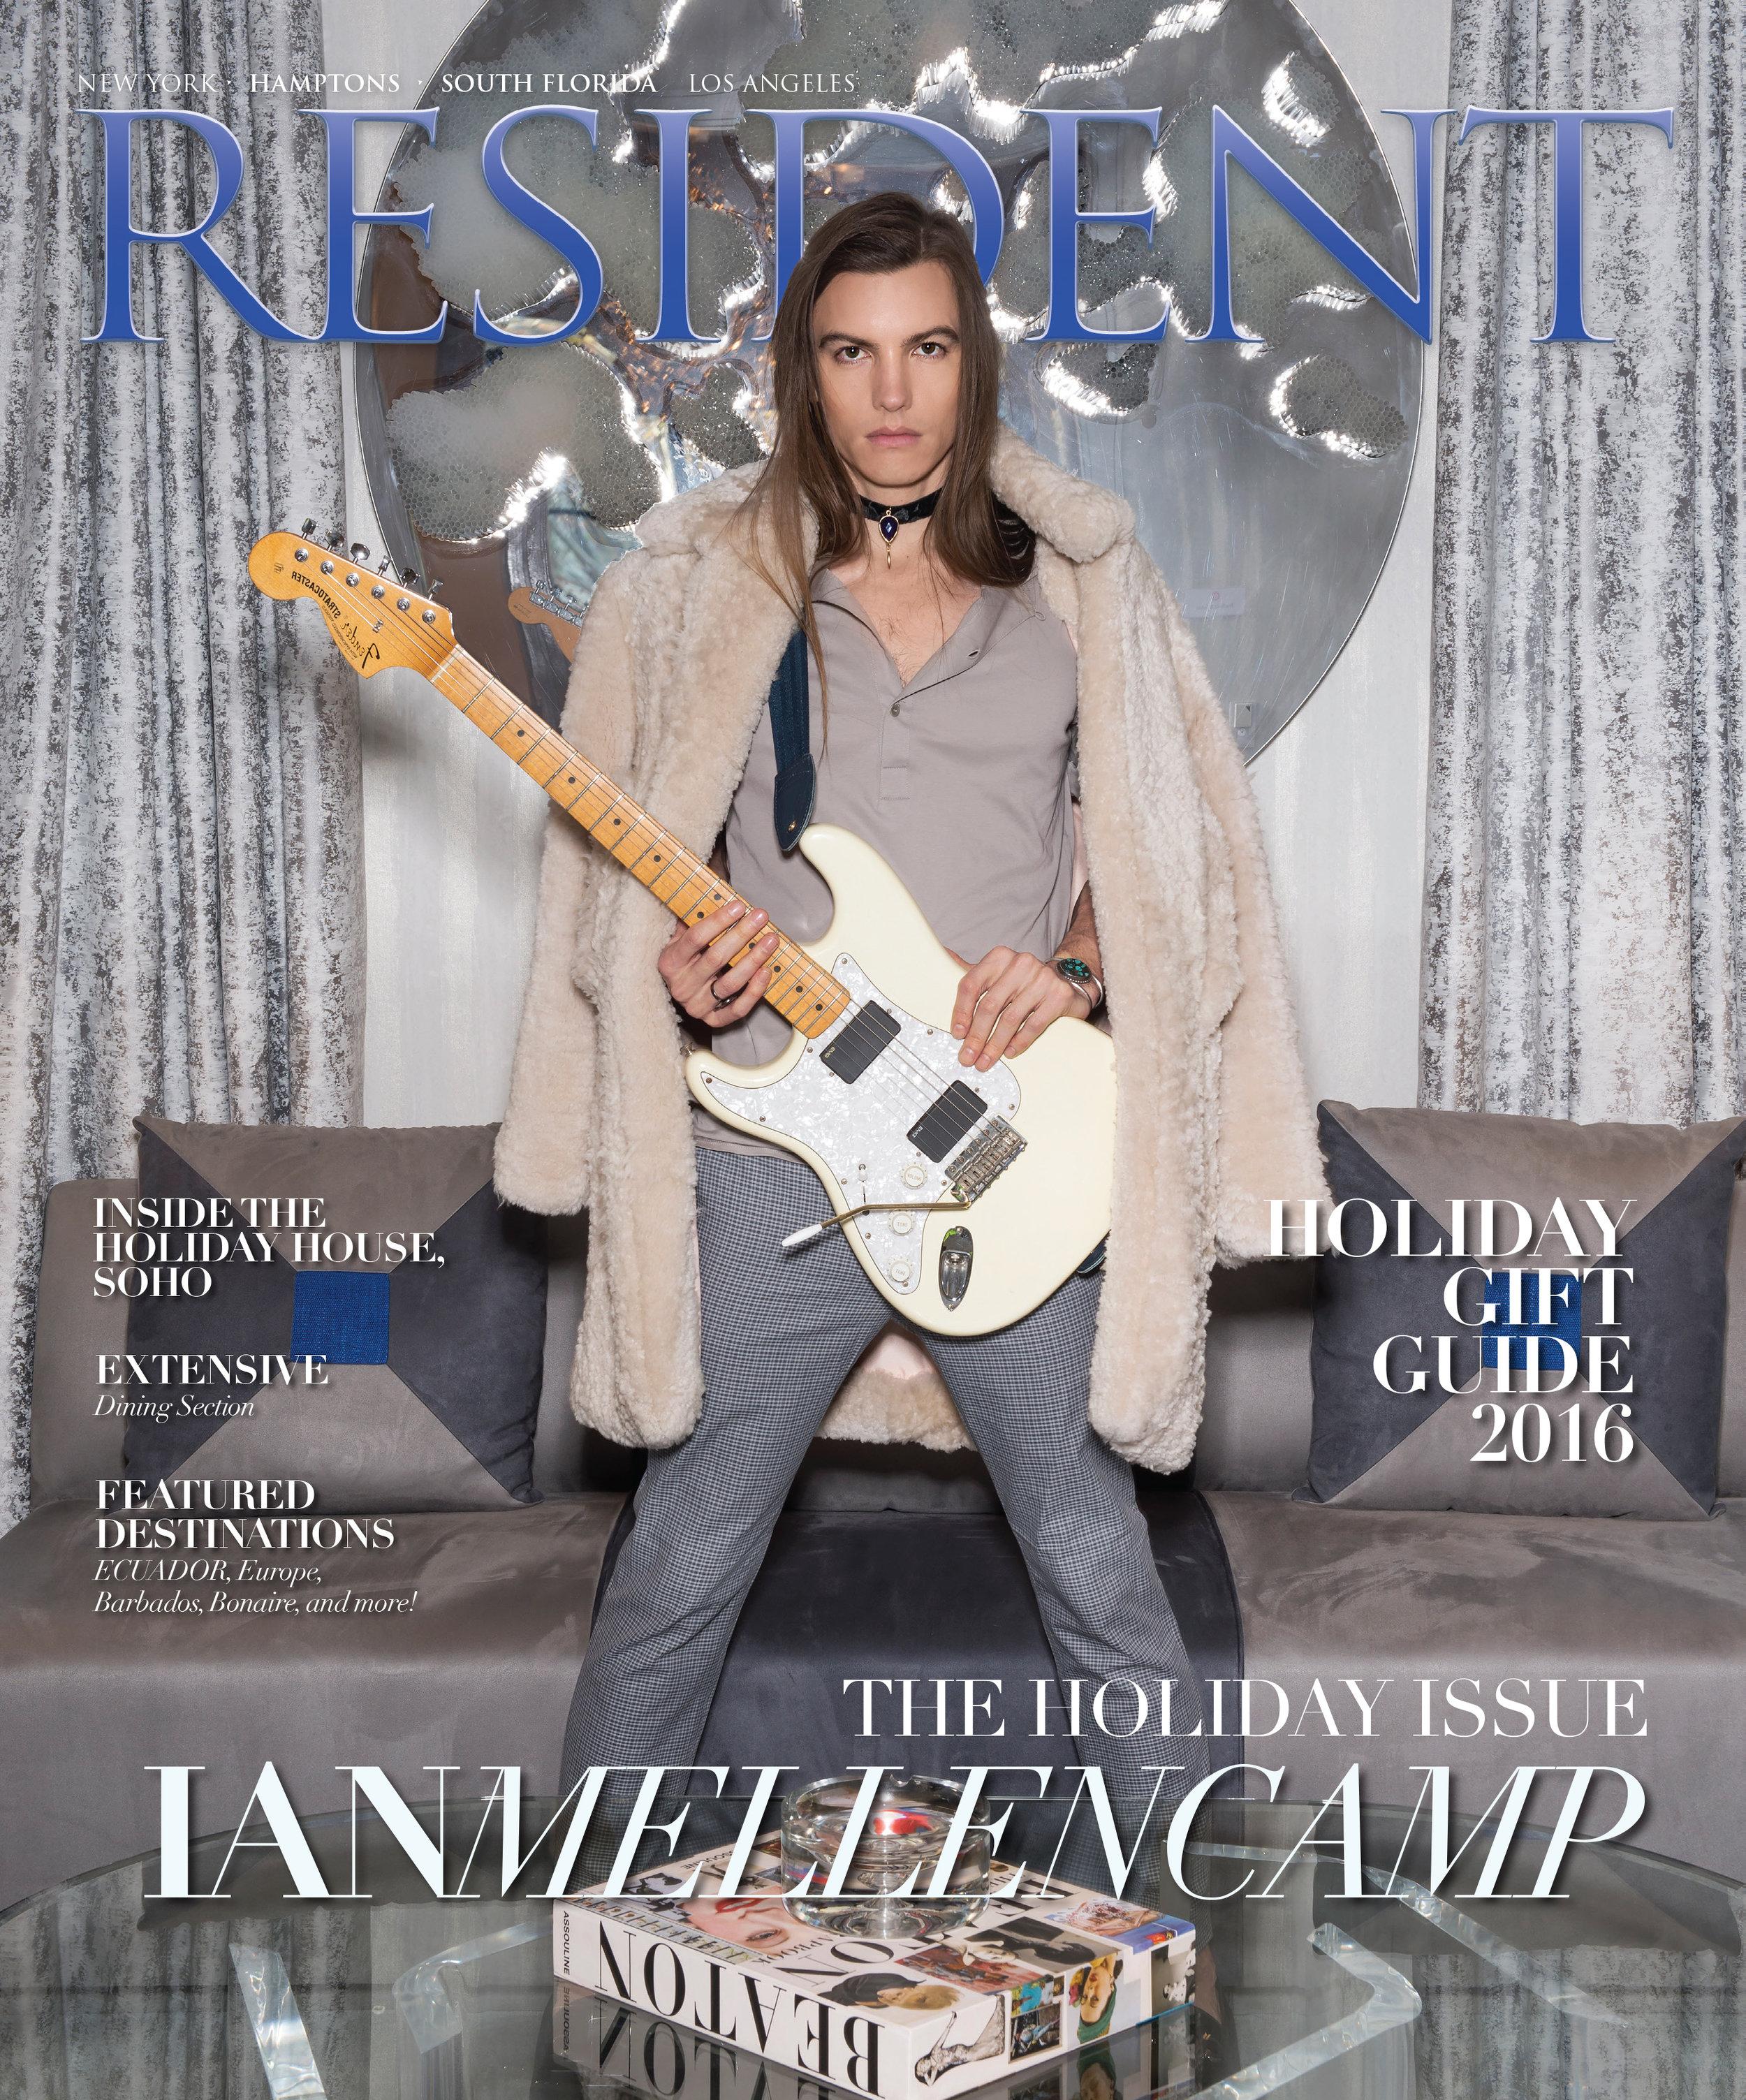 Resident Magazine December 2016 Cover ft. Ian Mellencamp by photographer Andrew Werner.jpg